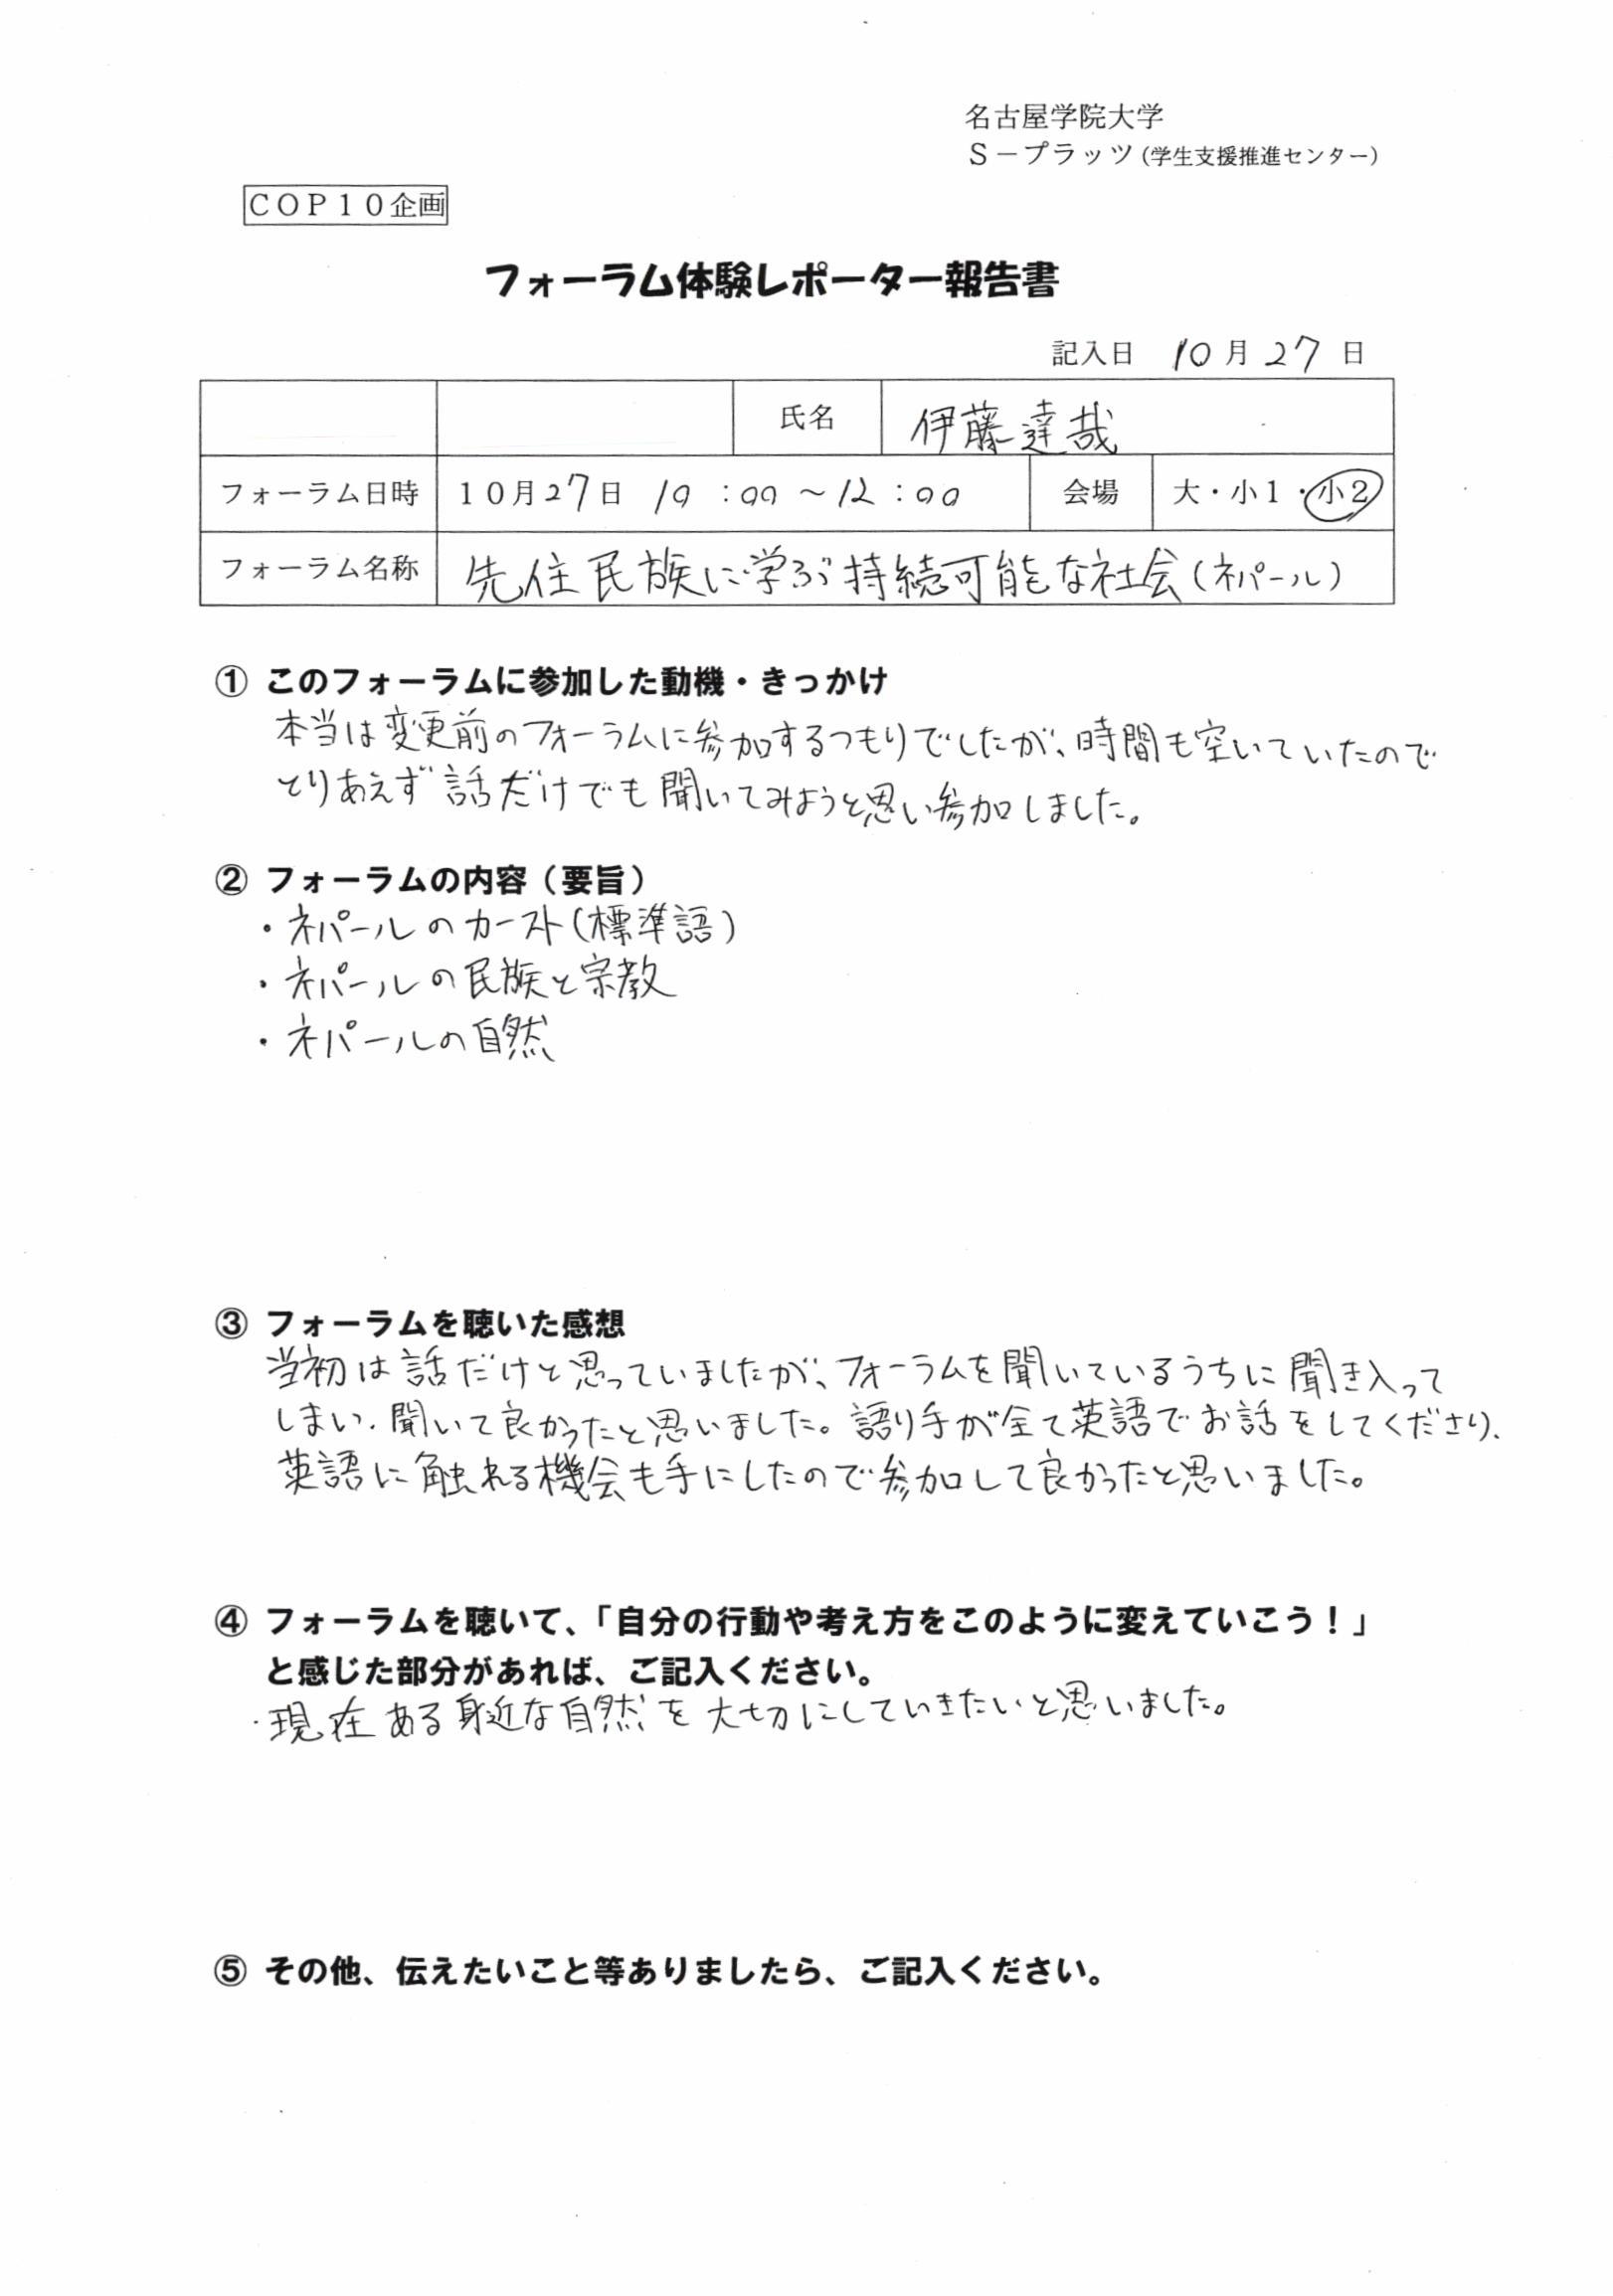 フォーラム体験レポーター報告伊藤達哉